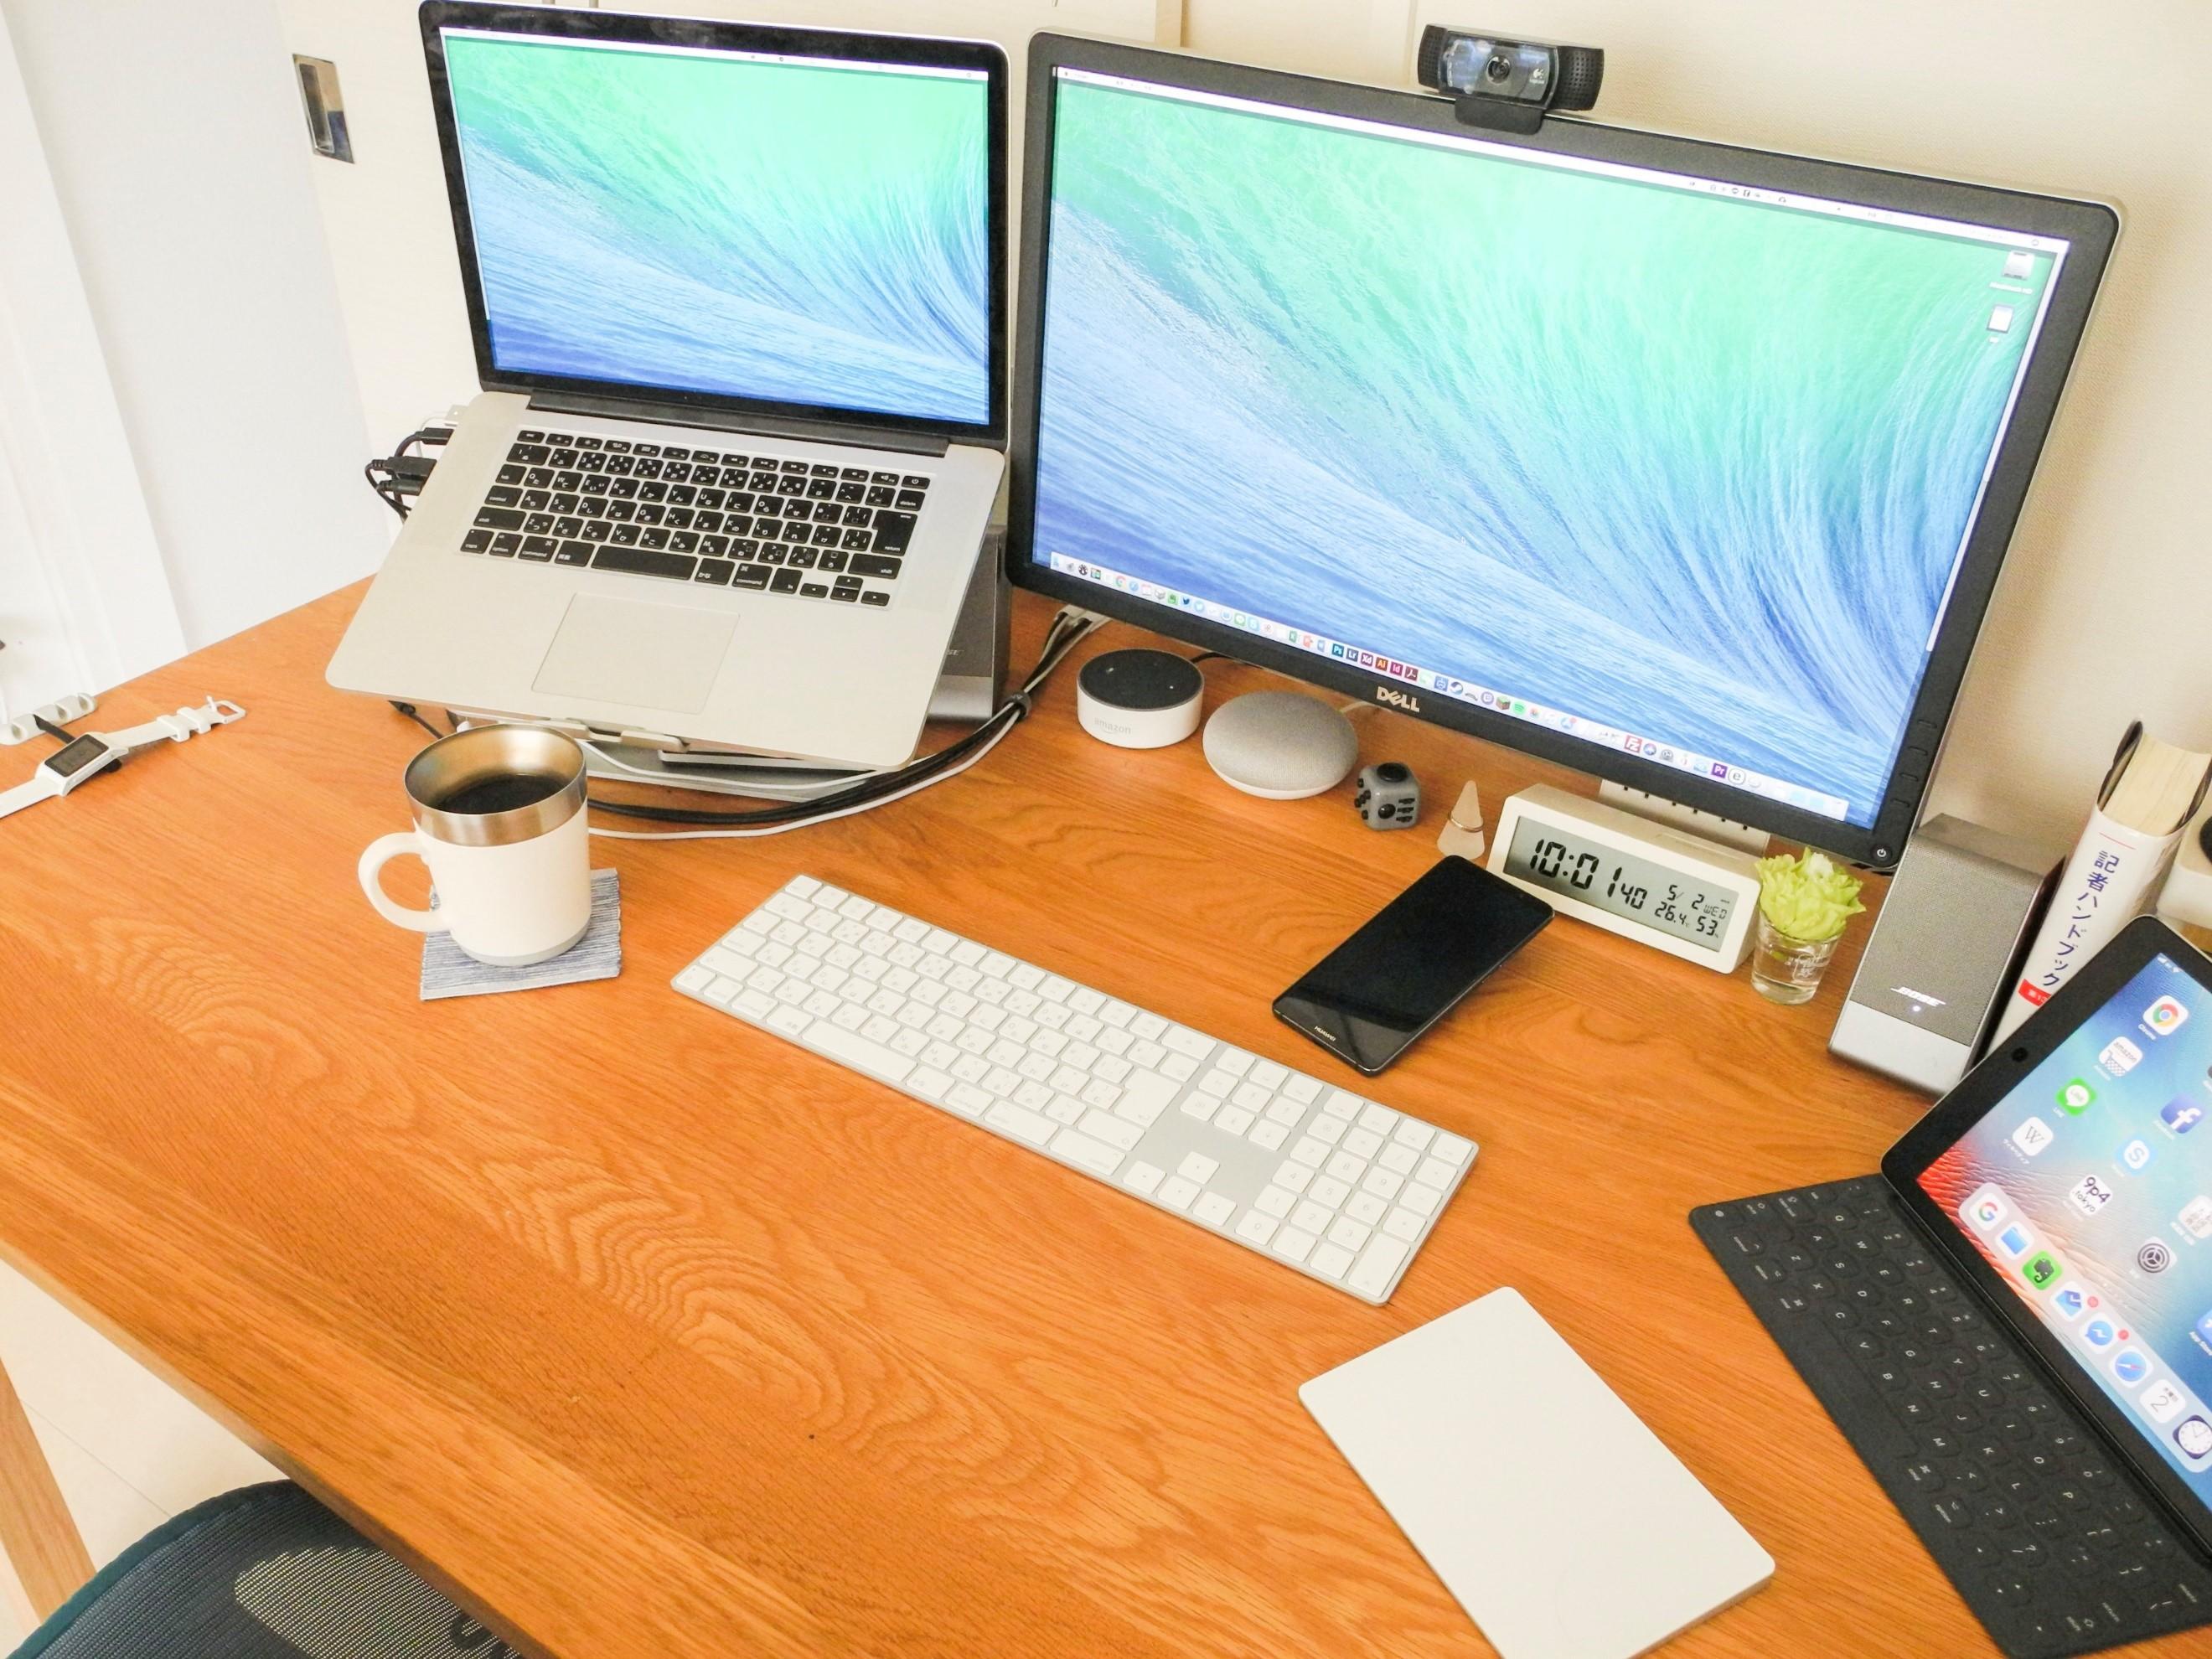 パソコンとコーヒーなどが置かれたデスクの様子